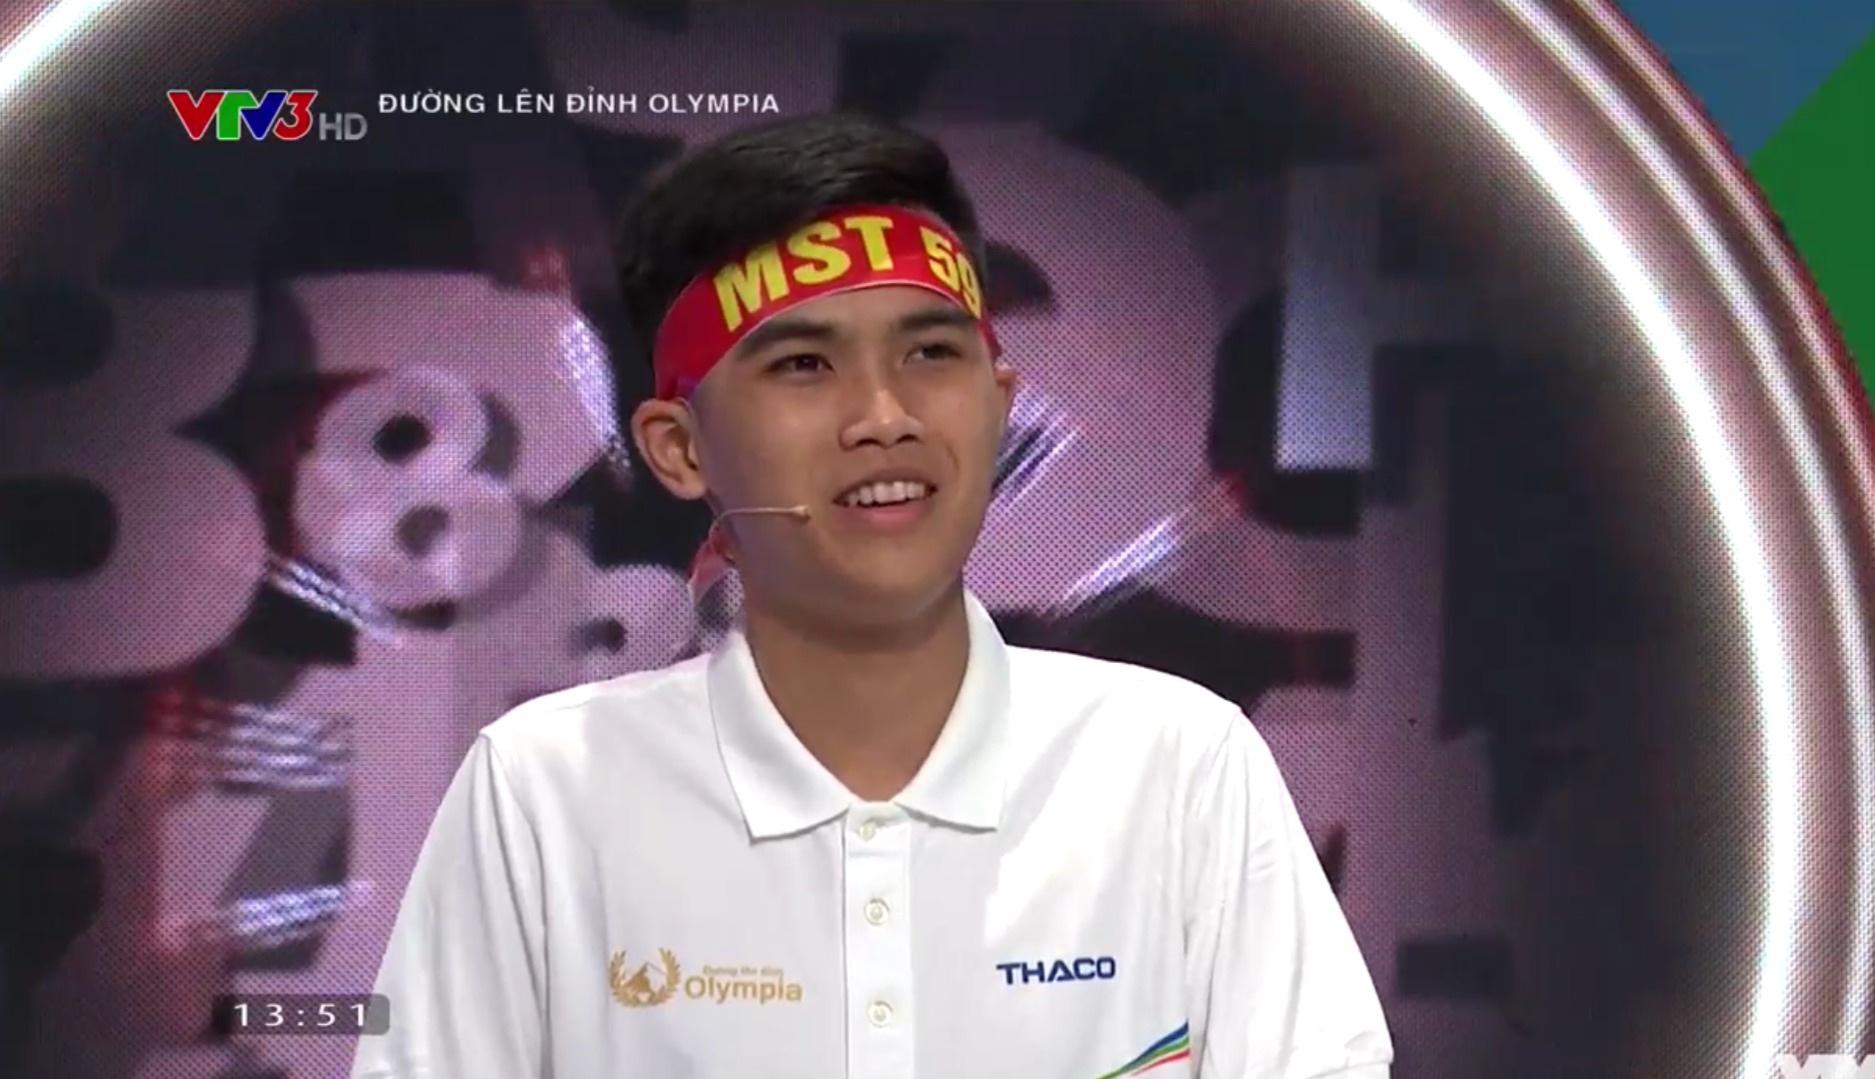 Nam sinh Hà Nội chạm mốc điểm kỷ lục Đường lên đỉnh Olympia - 2